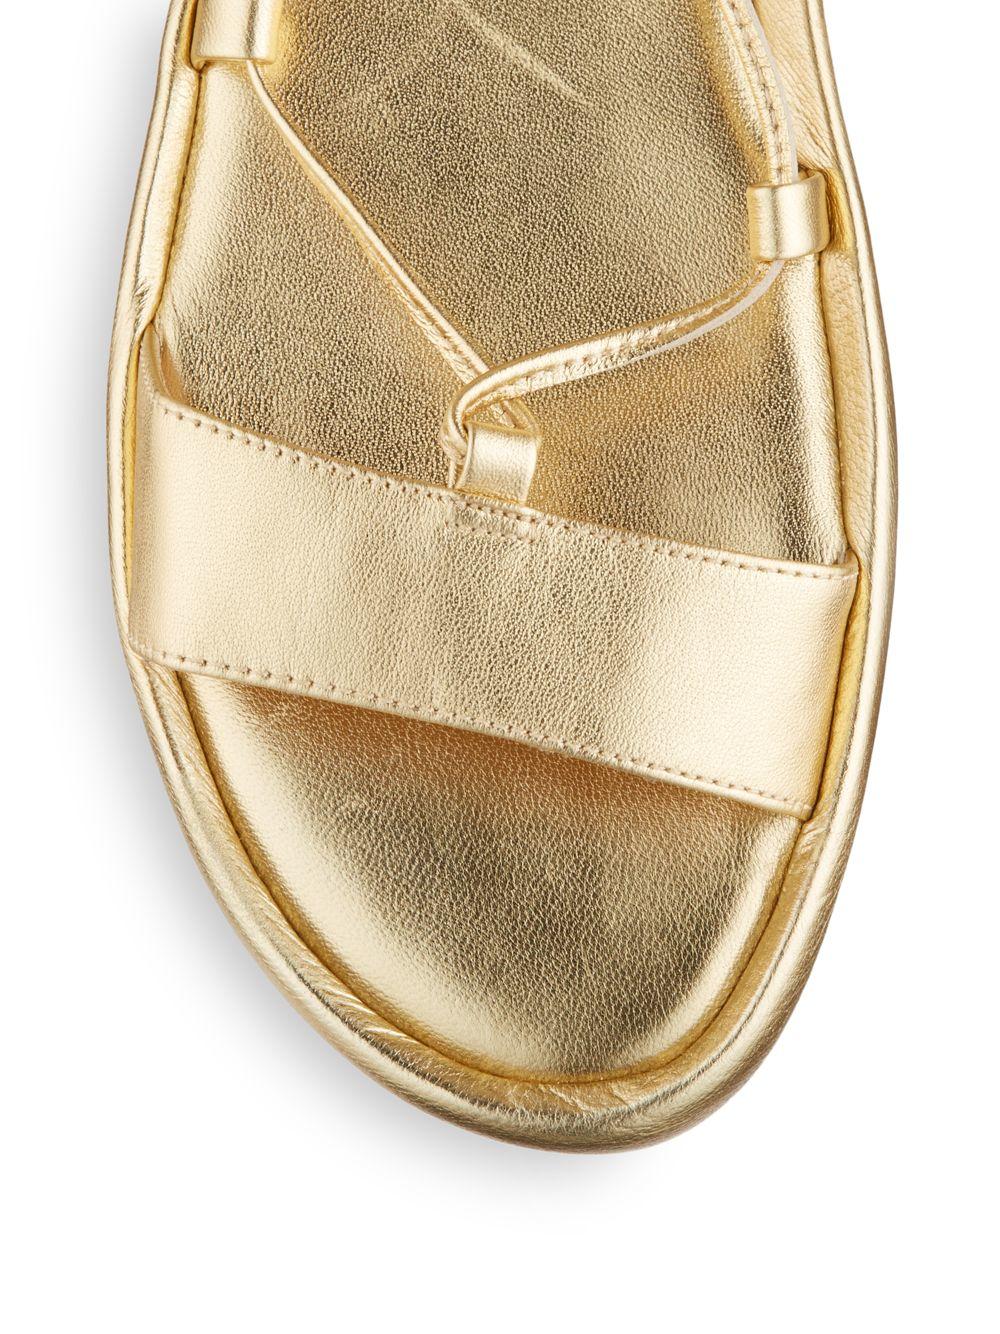 39d29c7f22419 Lyst - Diane von Furstenberg Susie Lace-up Flat Metallic Leather ...